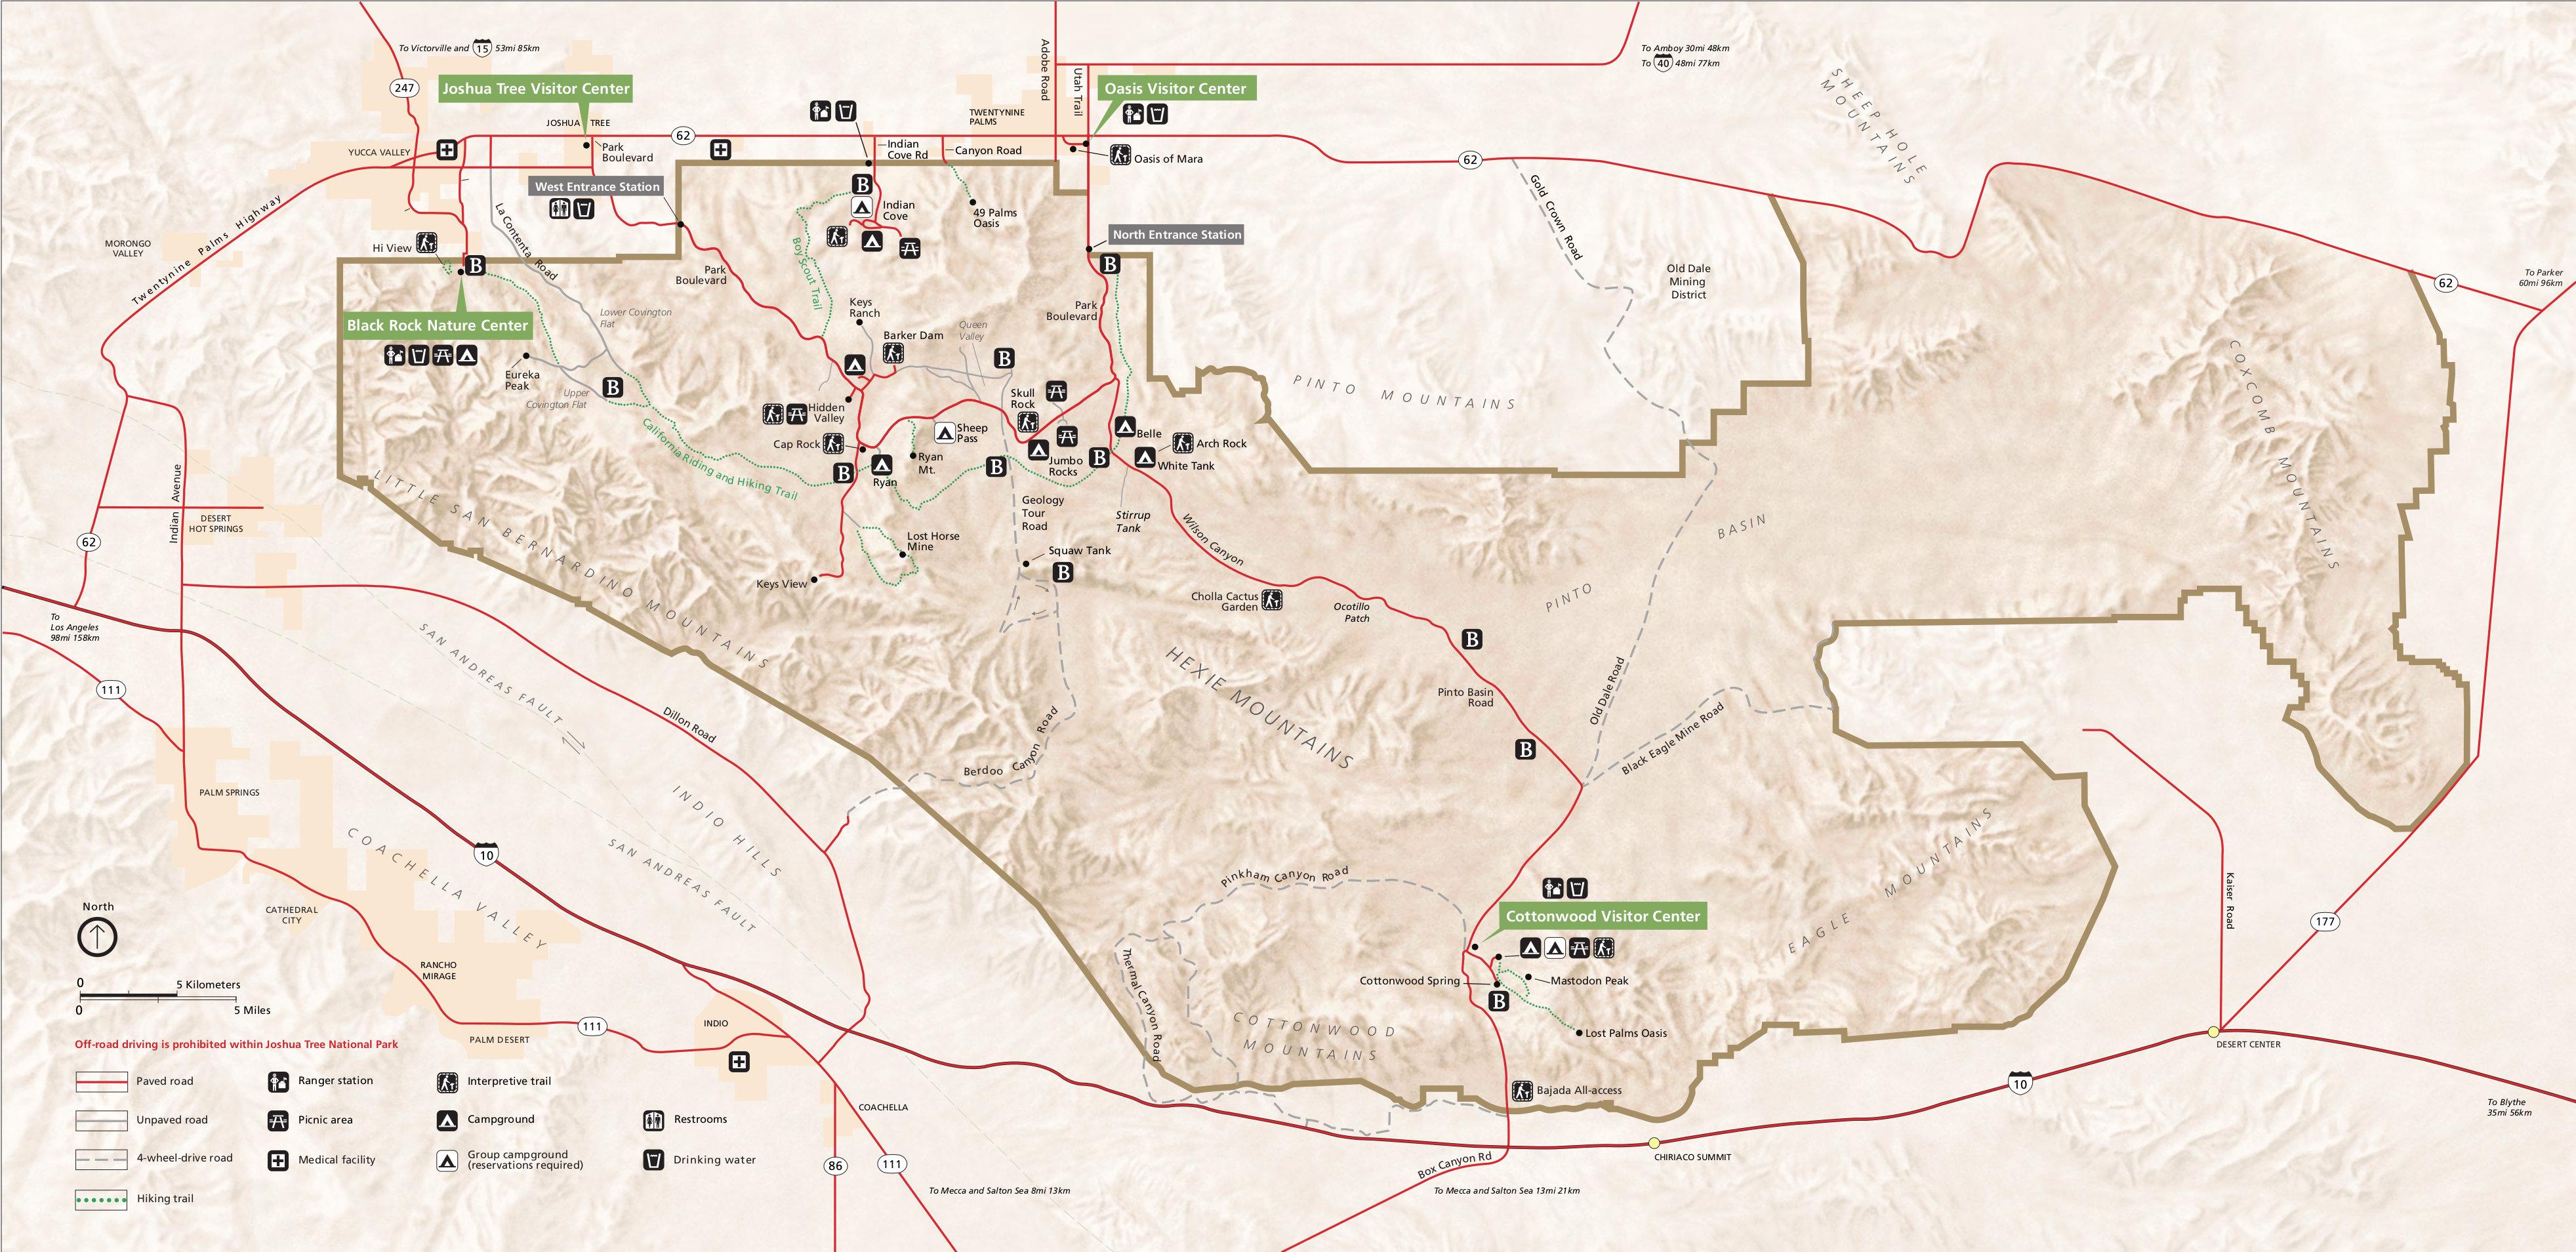 Carte du parc Joshua Tree